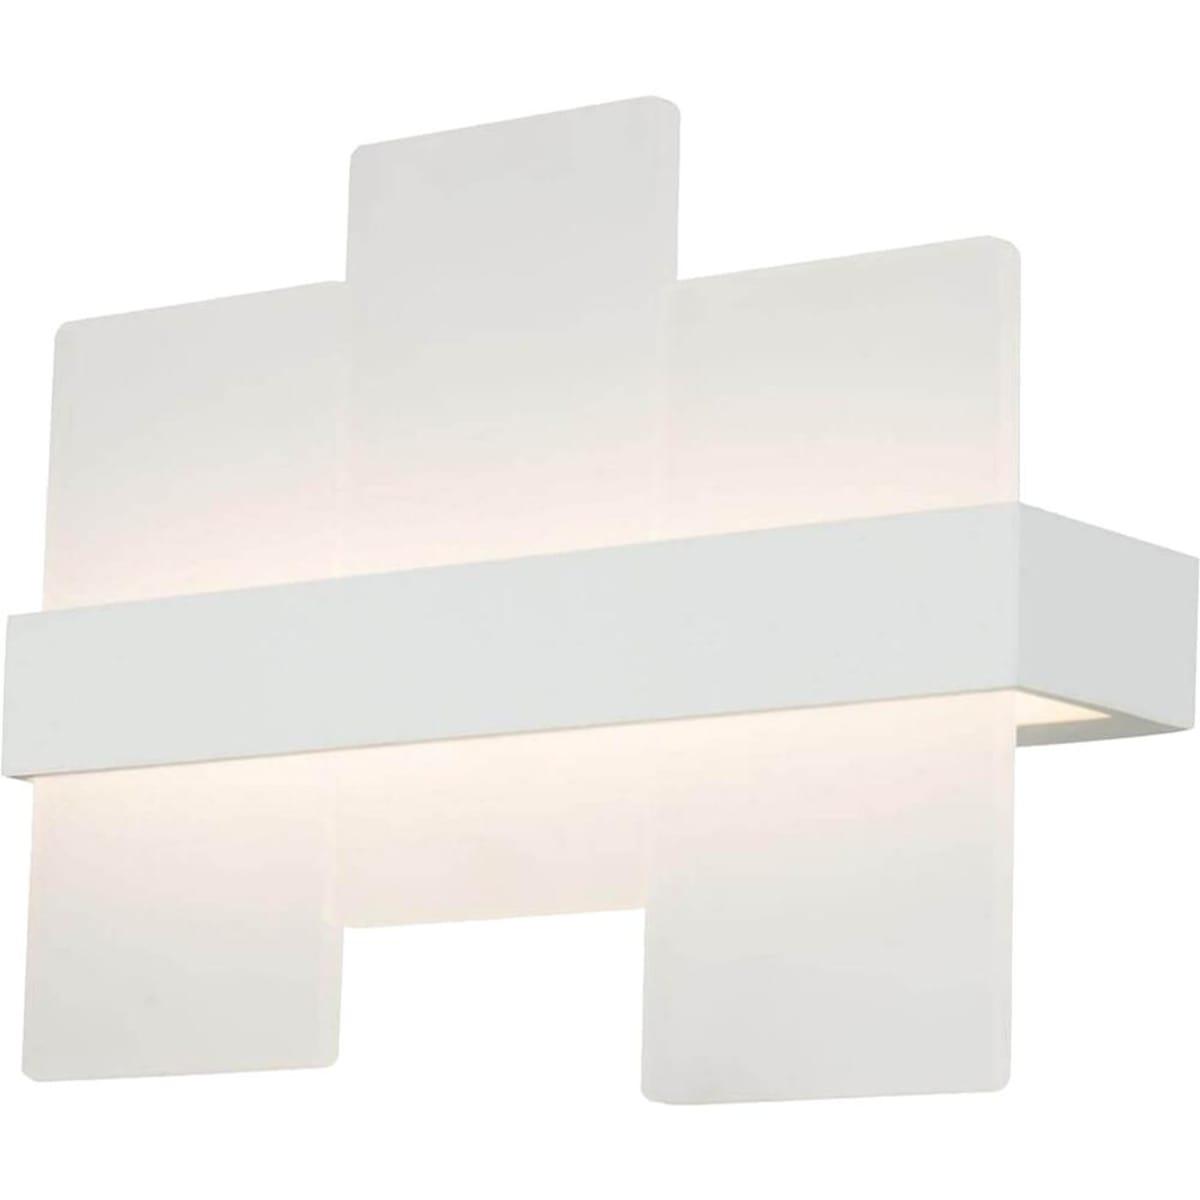 Бра светодиодный Maytoni Mix C817WL-L12W, 12W теплый белый свет цвет белый